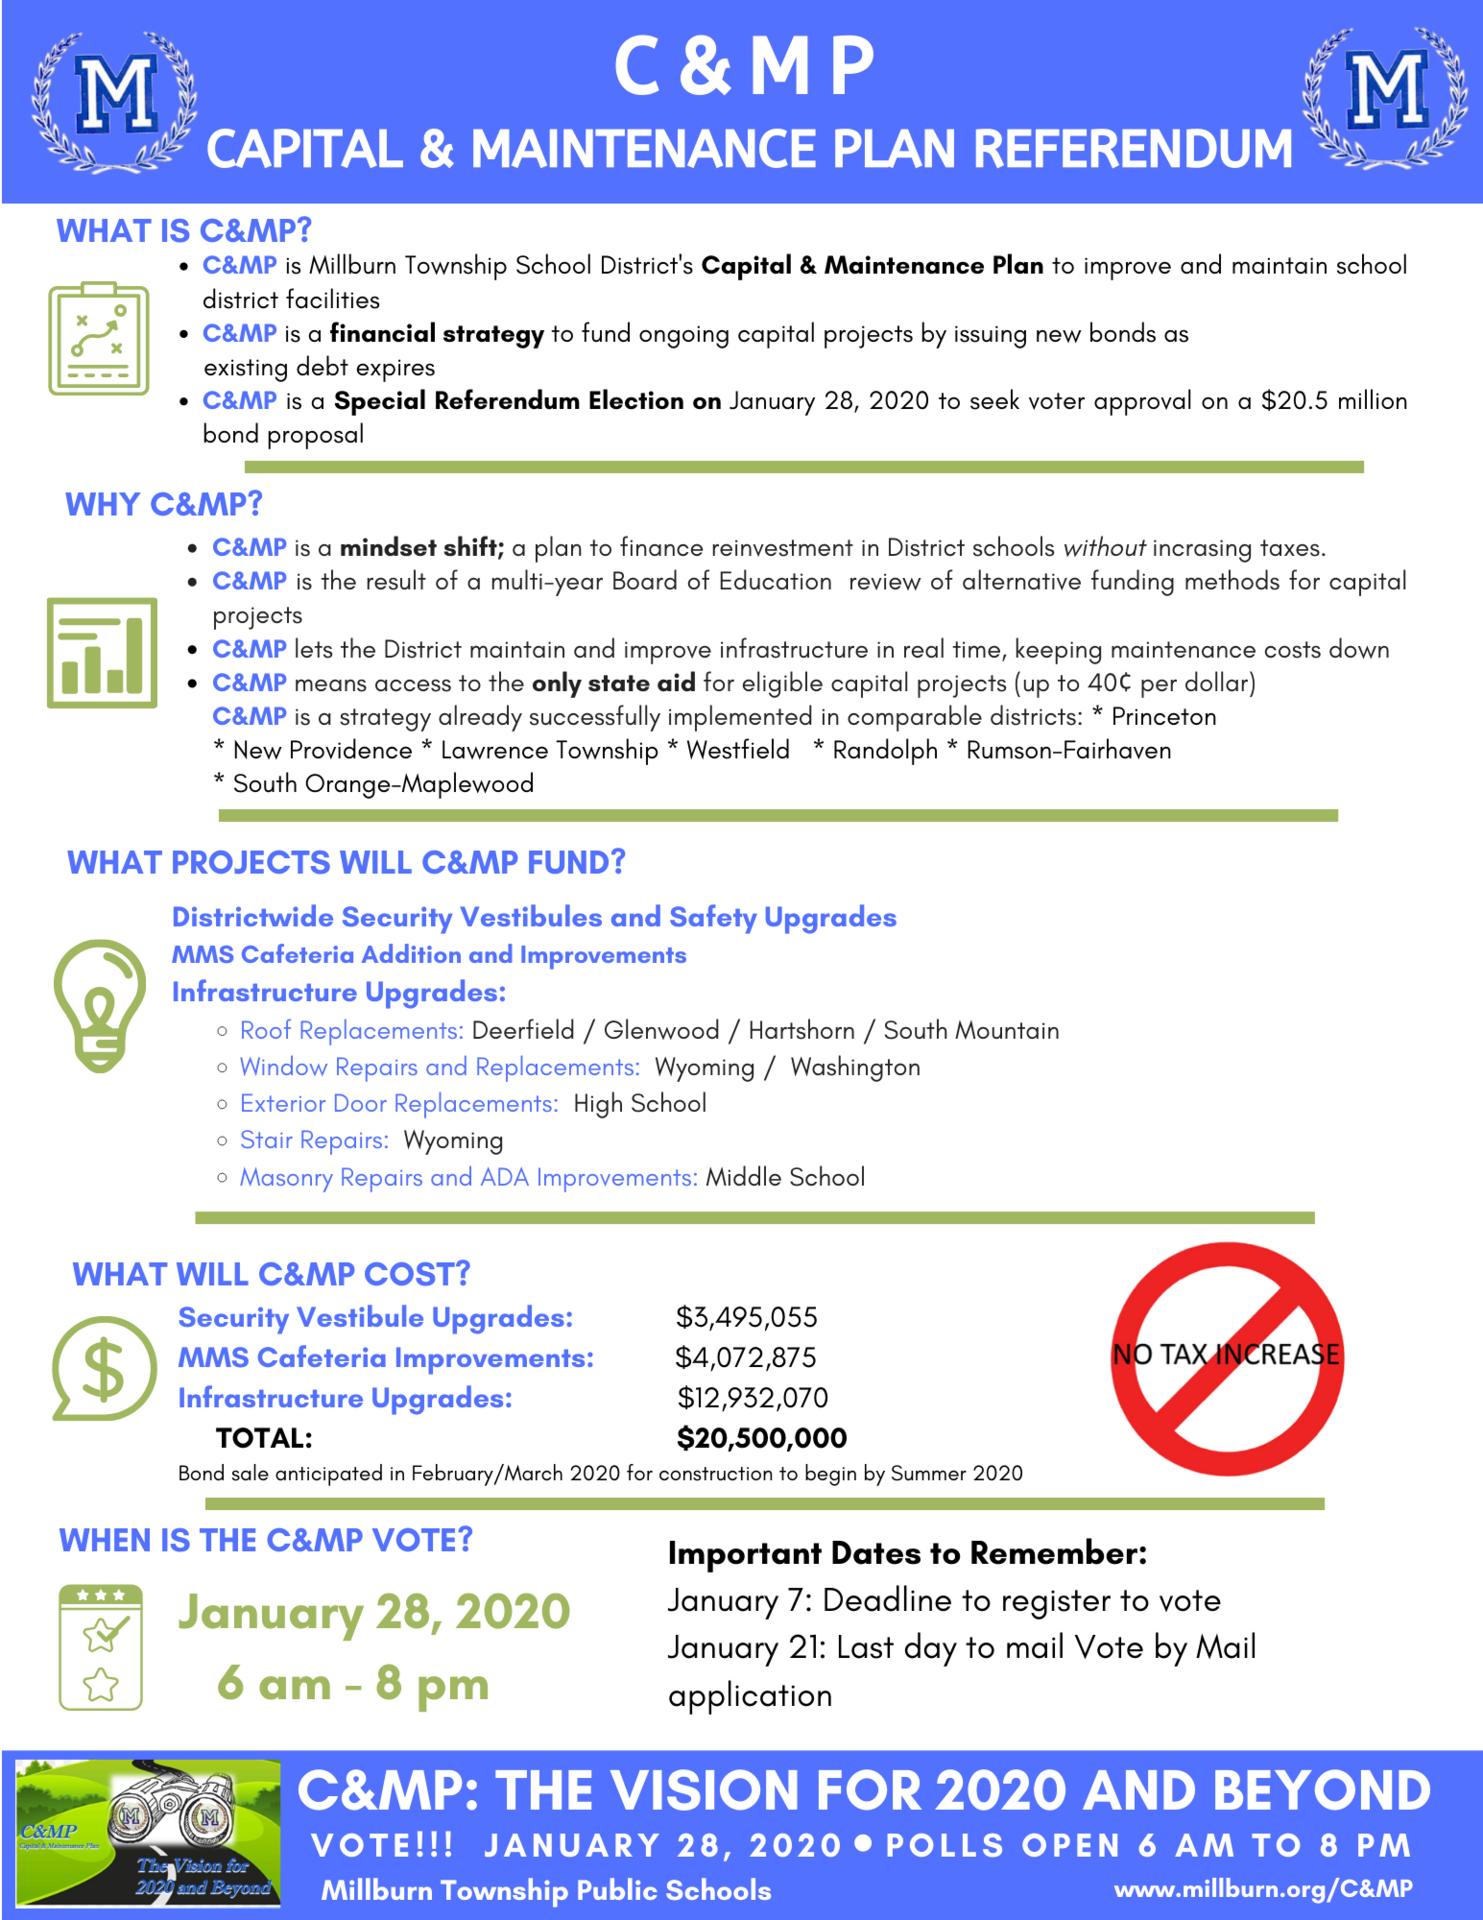 C&MP infographic 11/11/19